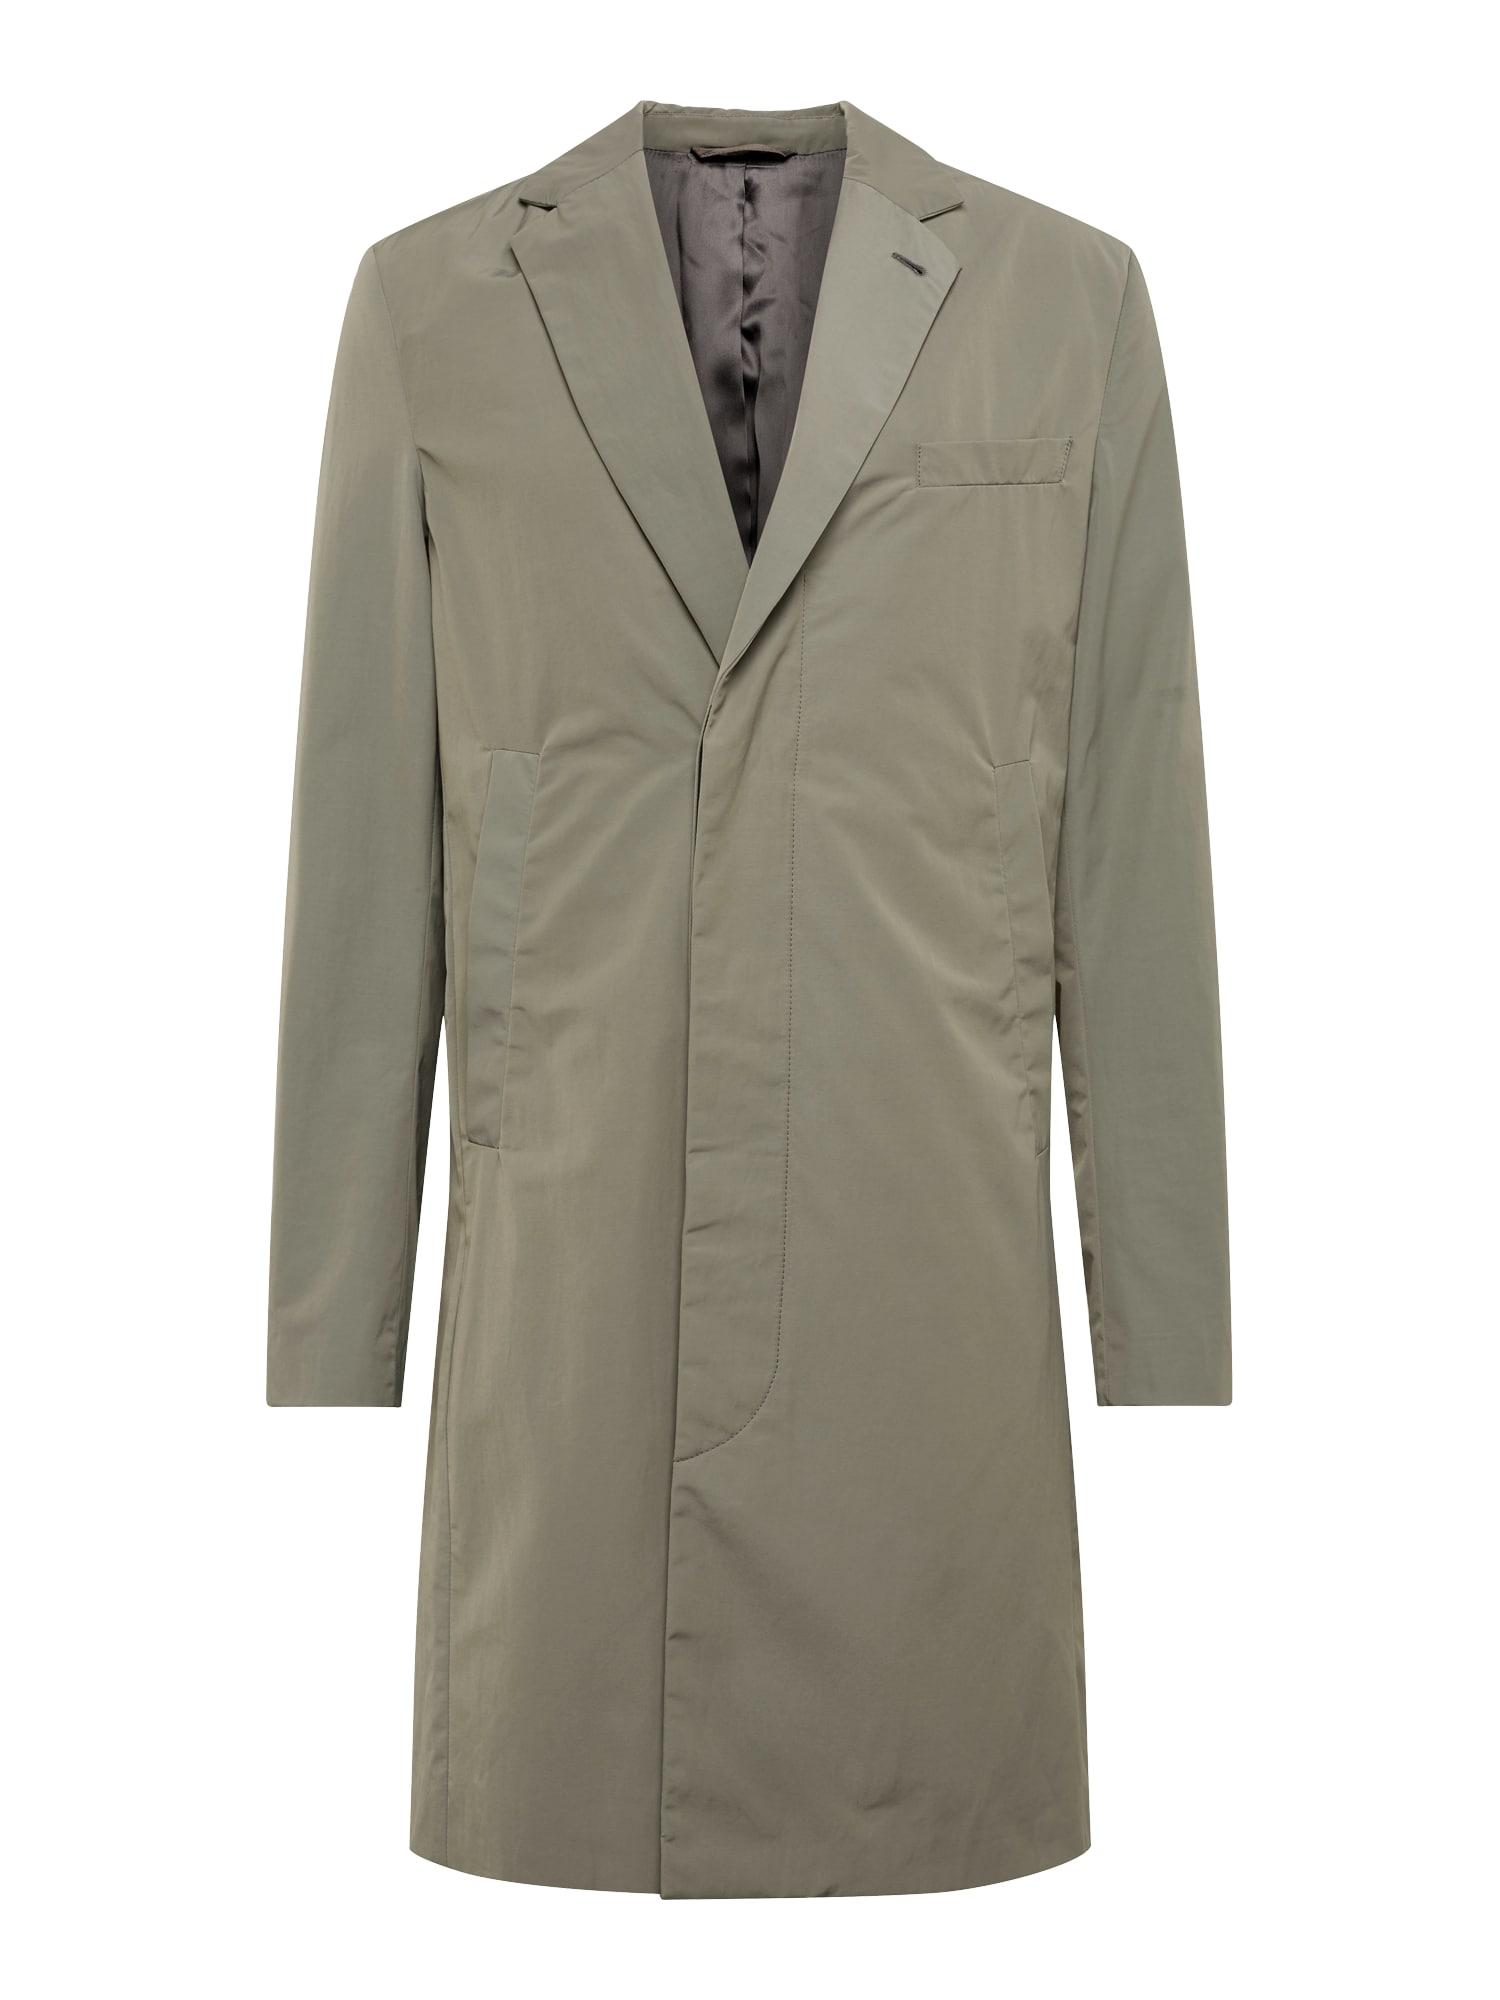 Přechodný kabát M. Ross Spring Coat olivová Filippa K